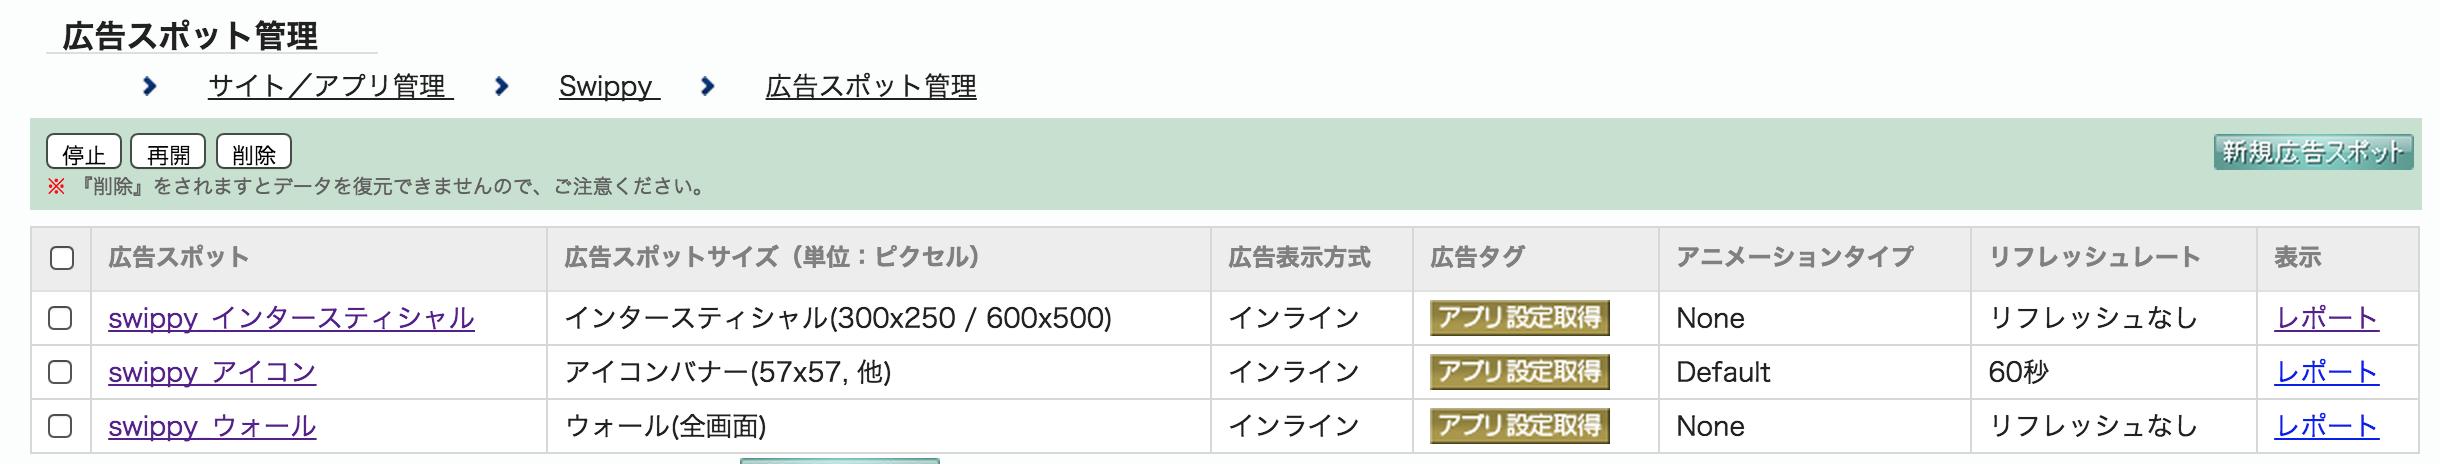 スクリーンショット 2015-06-13 22.08.19